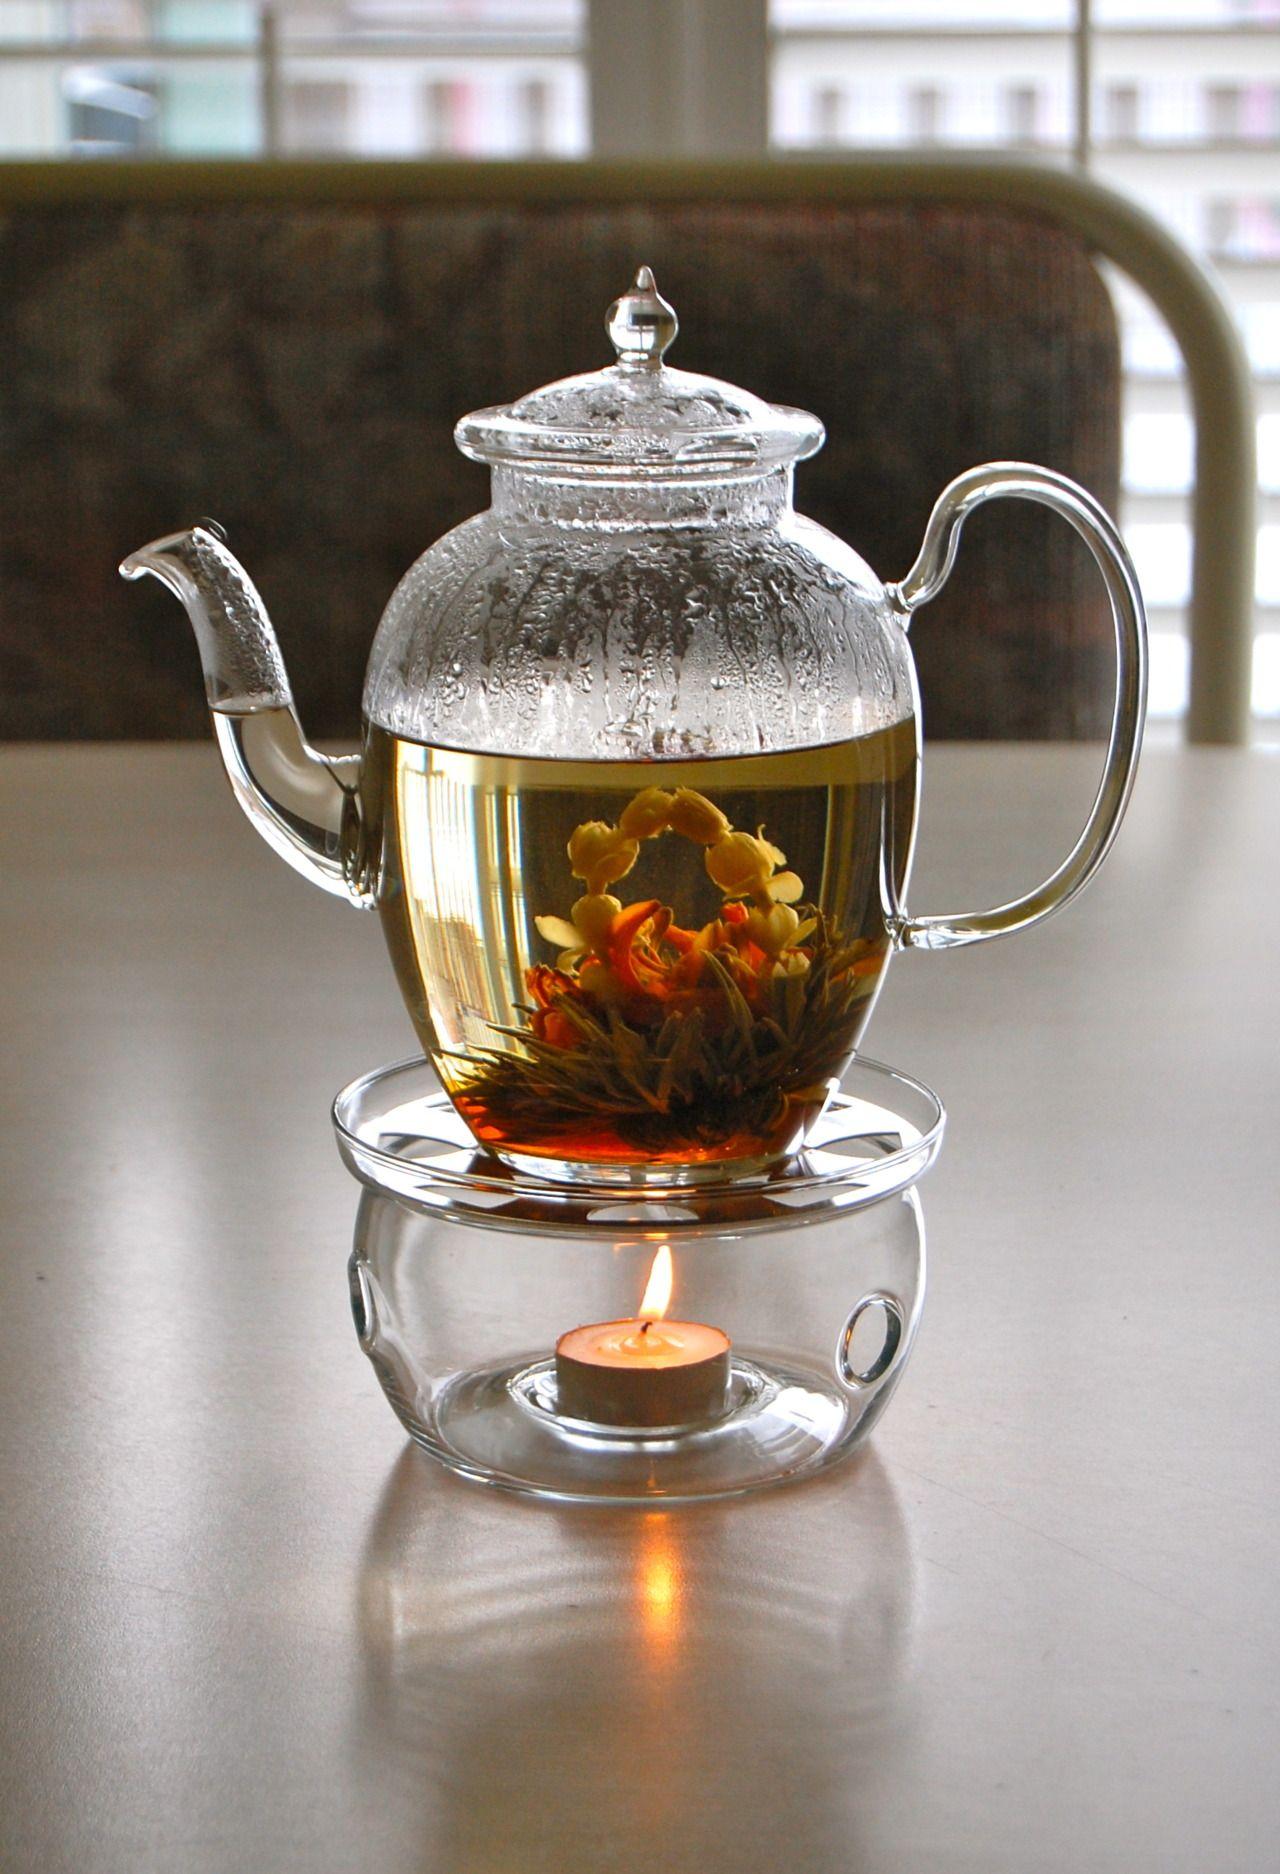 blossom tea #teapotset